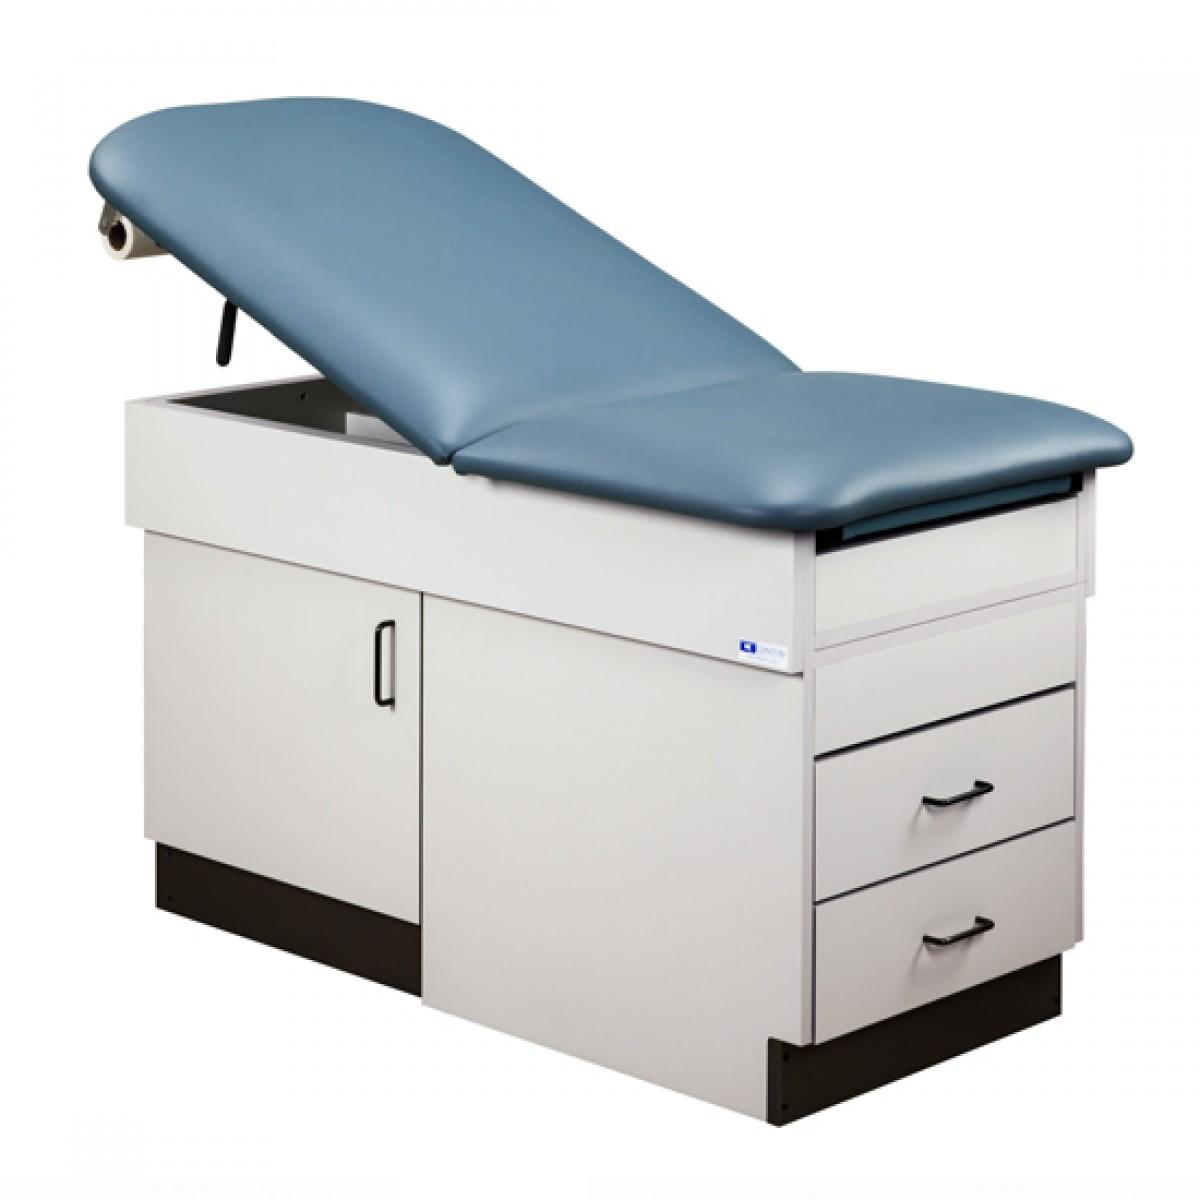 8834 Exam Table Clinton Table Enrichment Medical